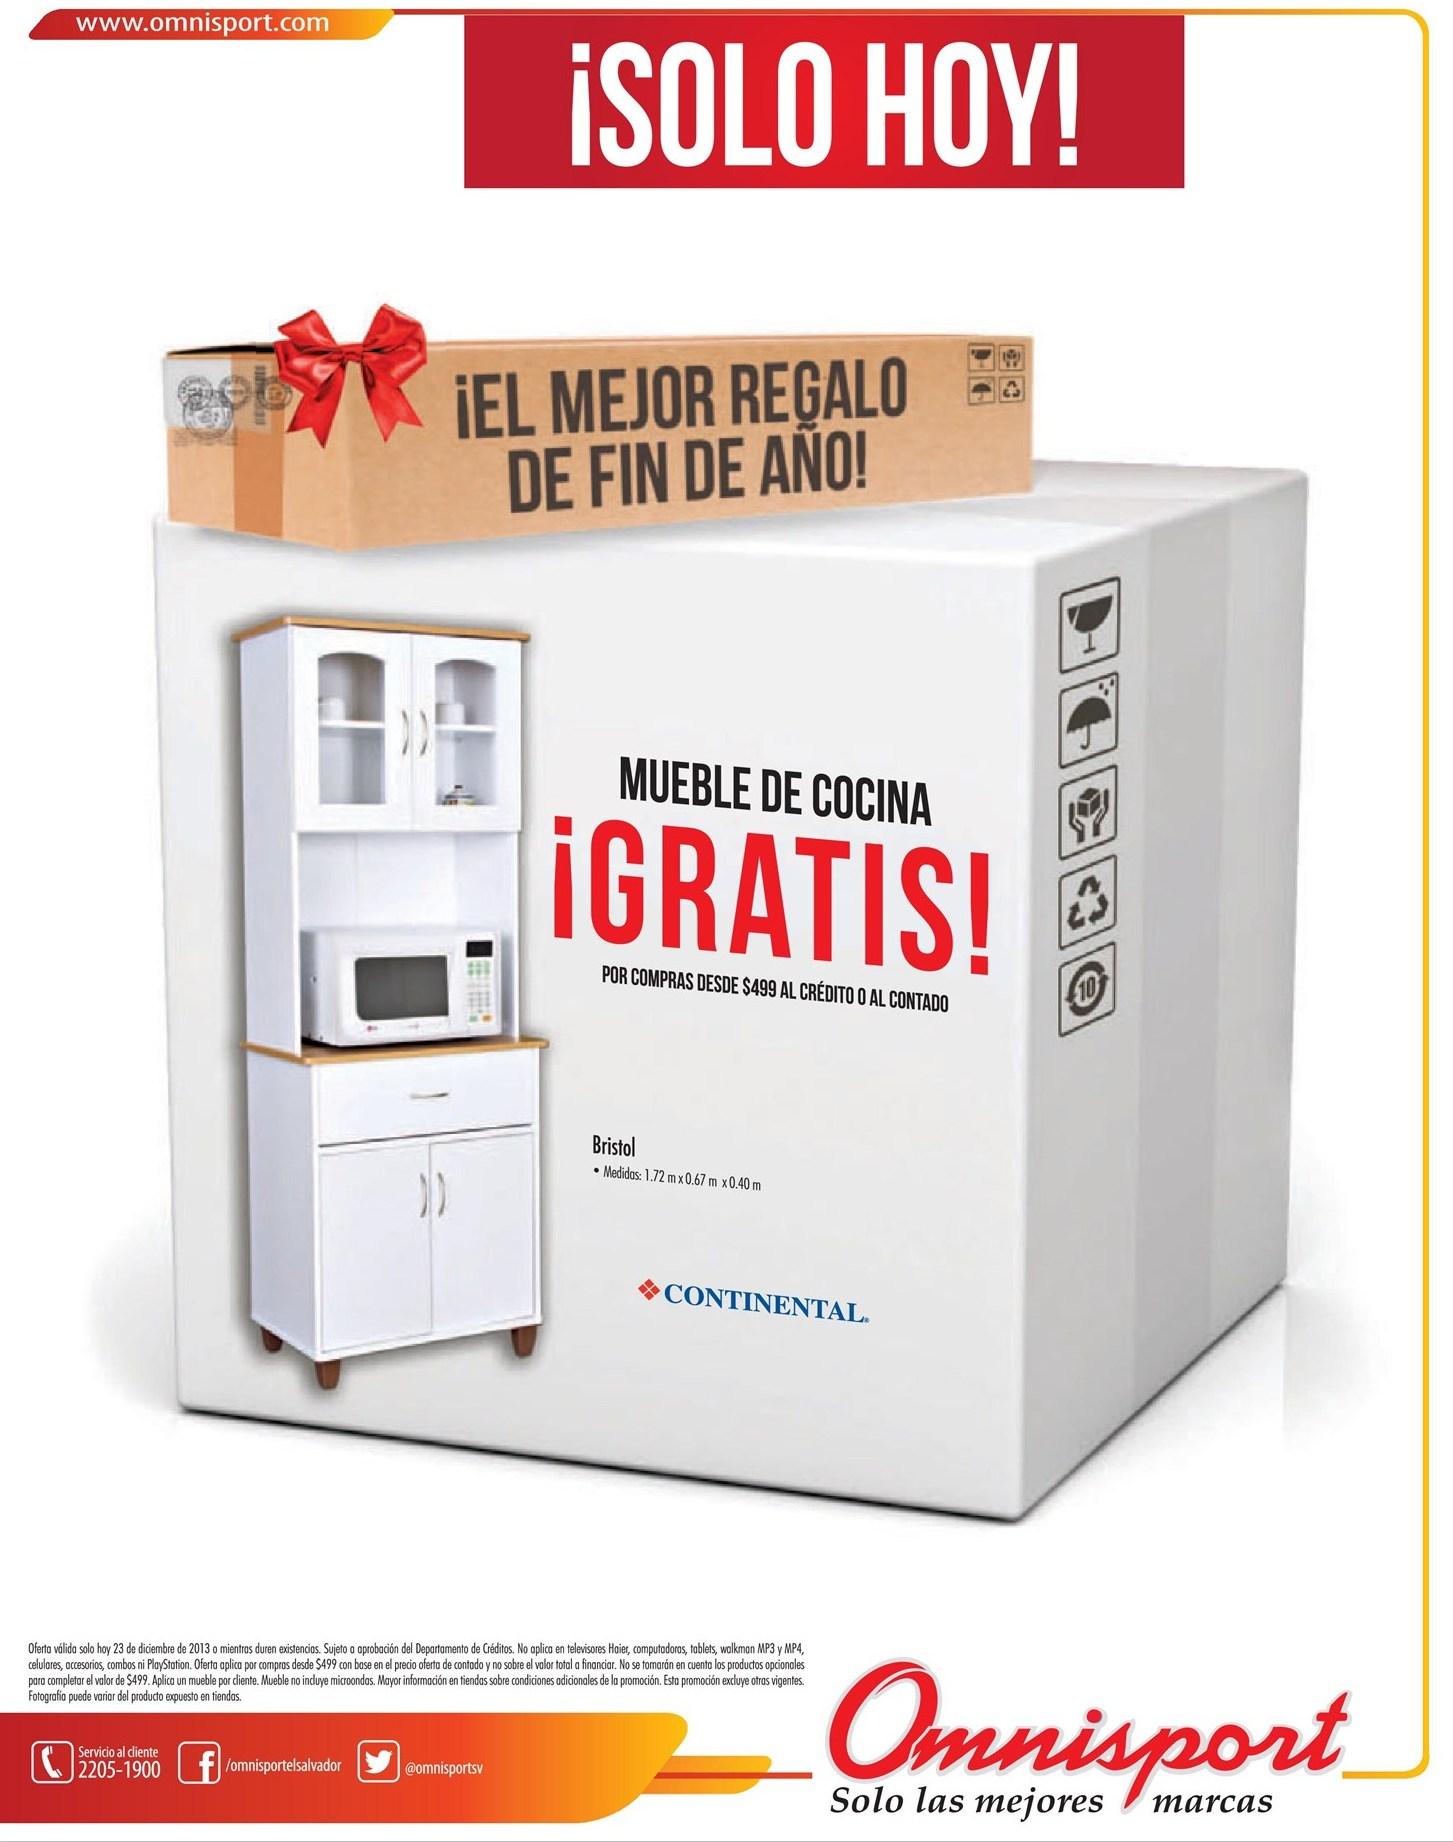 Muebles de cocina gratis promociones omnisport 23dic13 for Muebles de cocina gratis